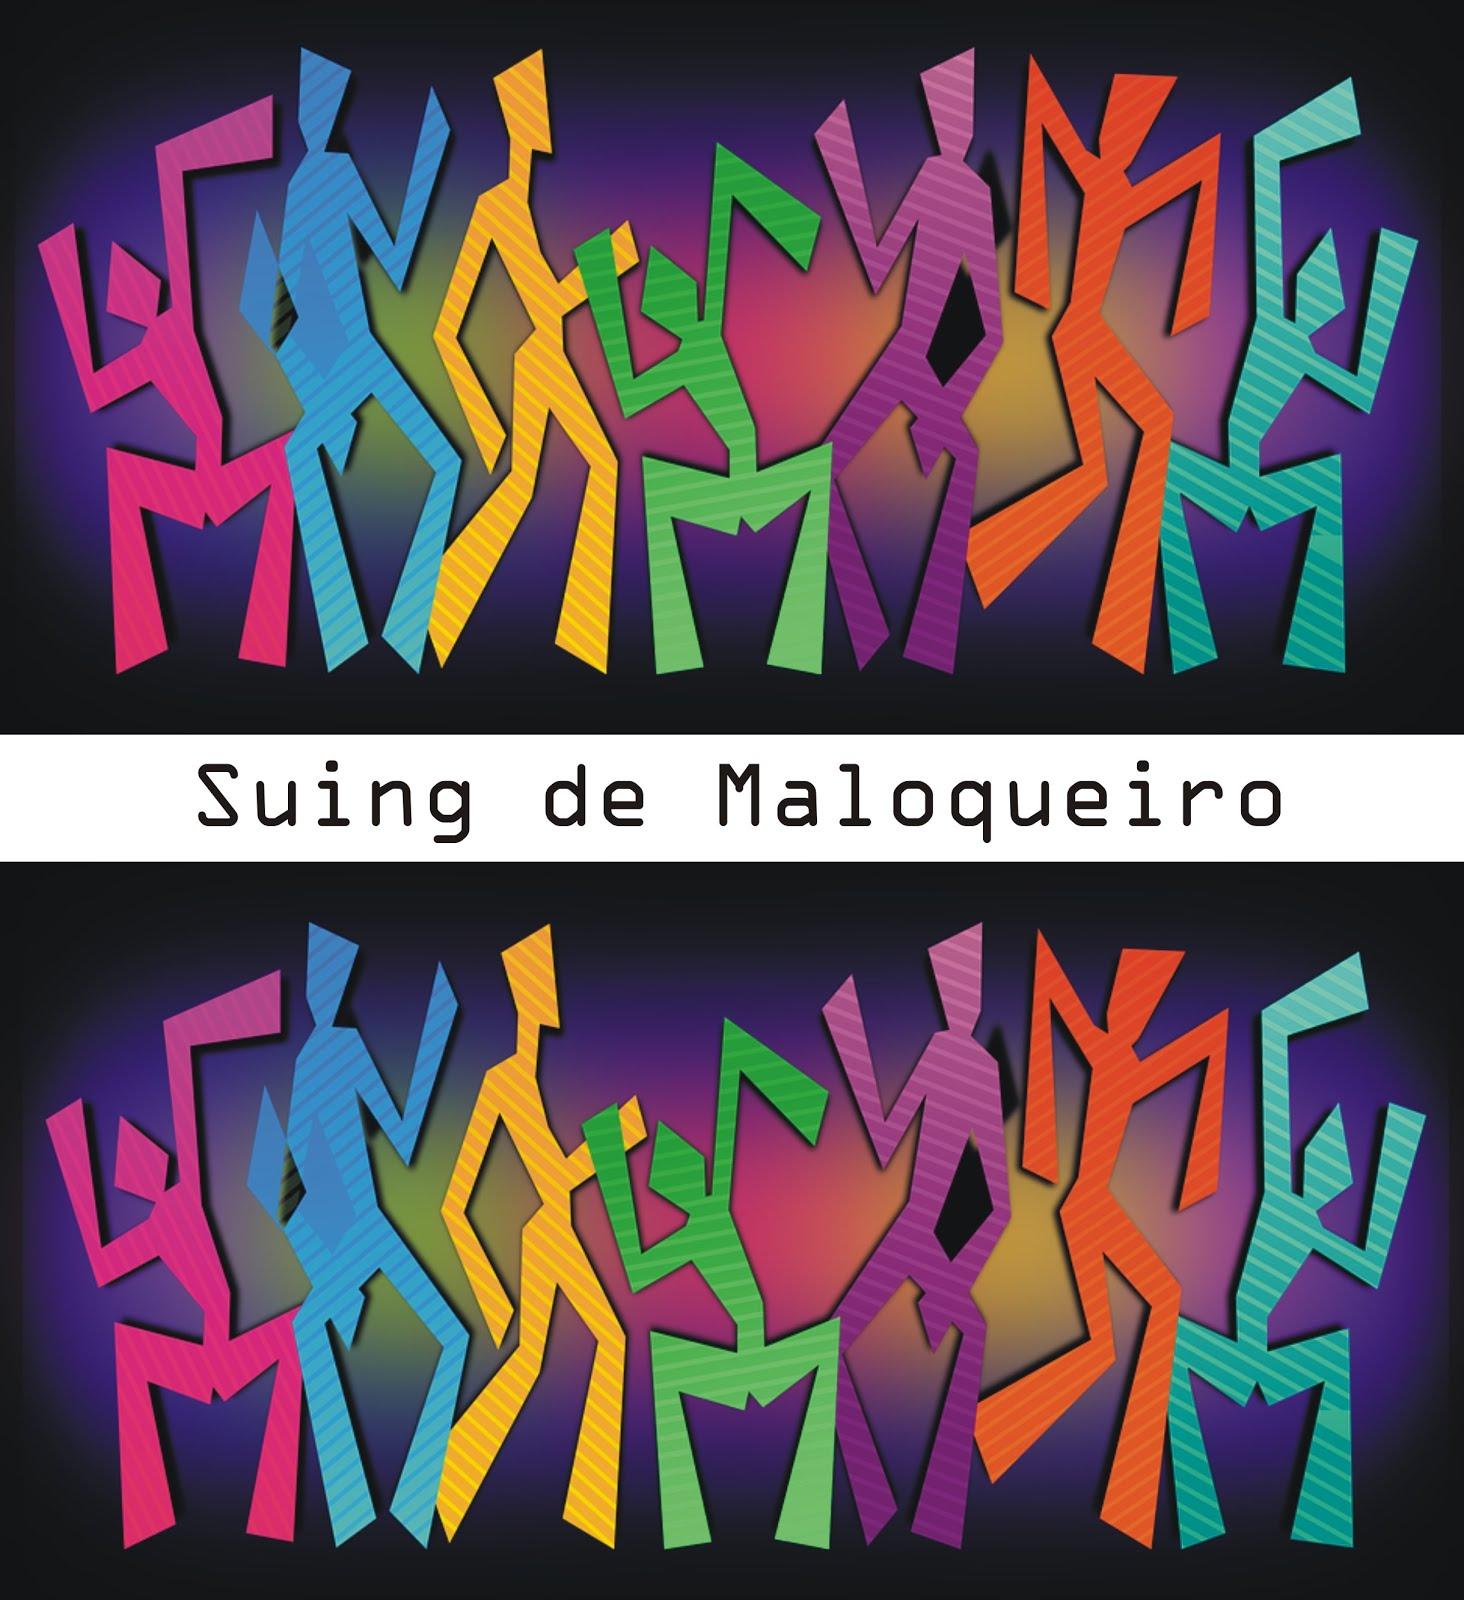 Projeto: Suing de Maloqueiro